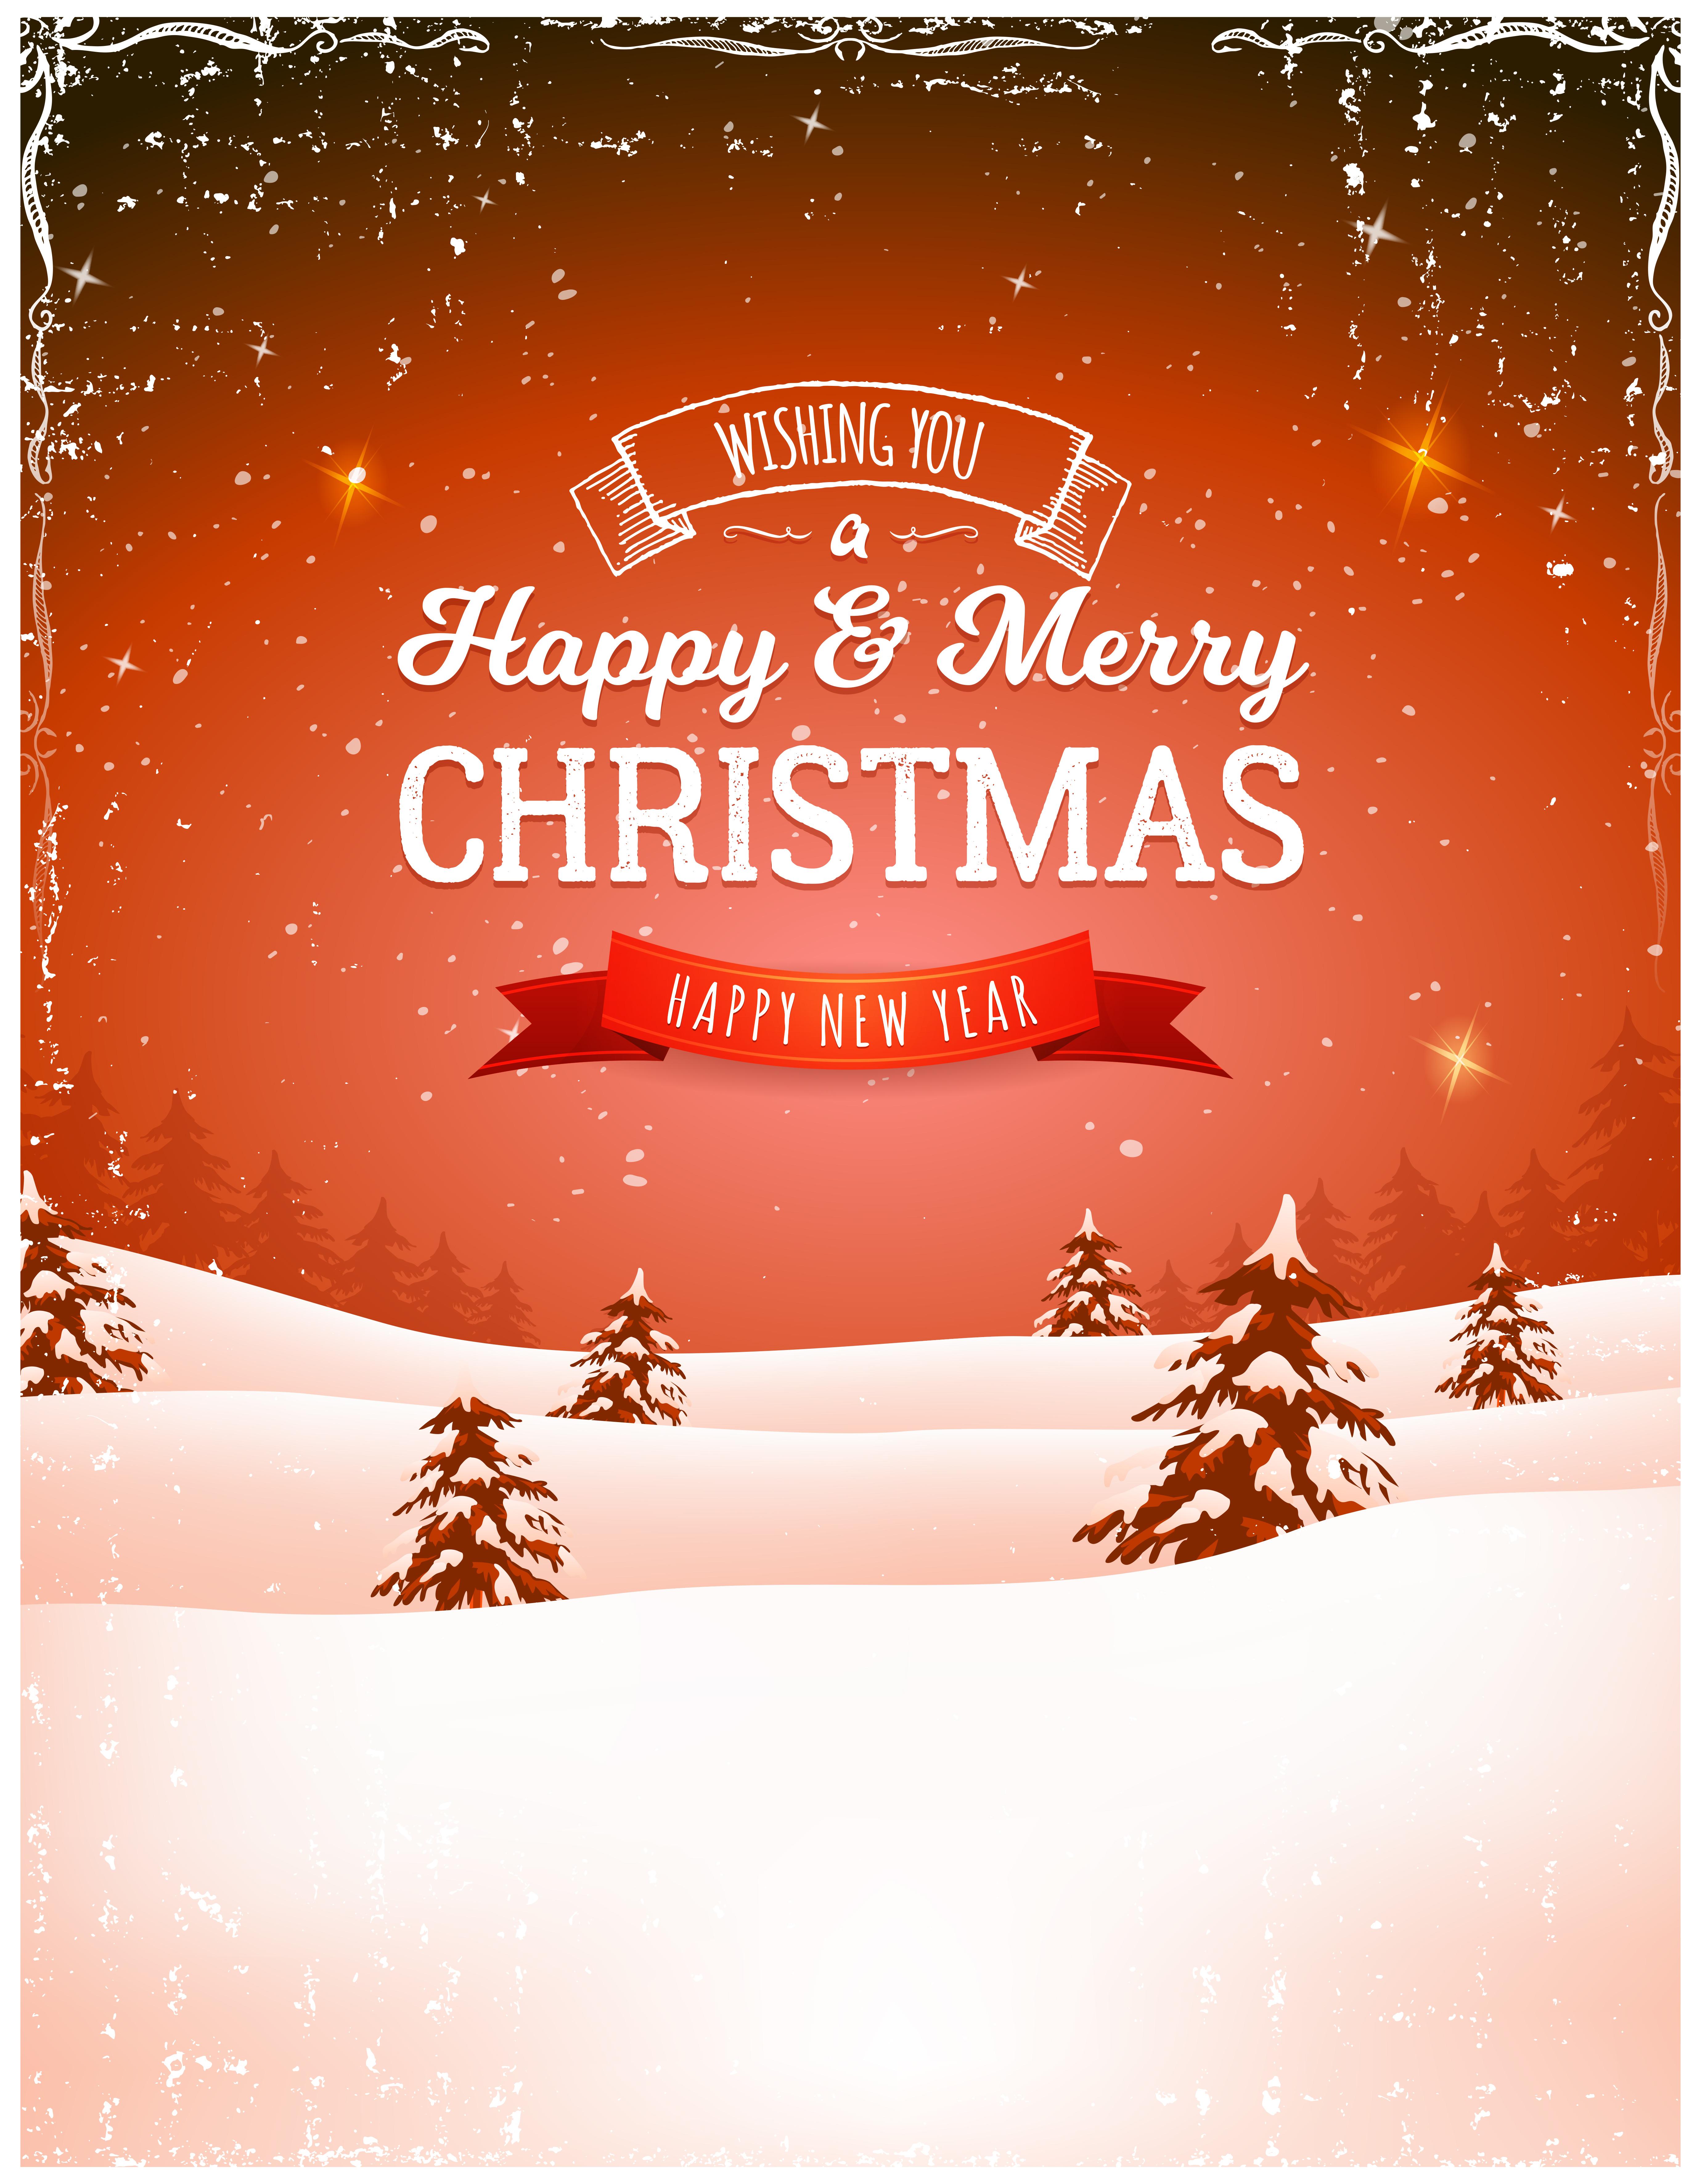 Sfondi Paesaggi Natalizi.Sfondo Di Paesaggio Di Natale Vintage 268103 Scarica Immagini Vettoriali Gratis Grafica Vettoriale E Disegno Modelli